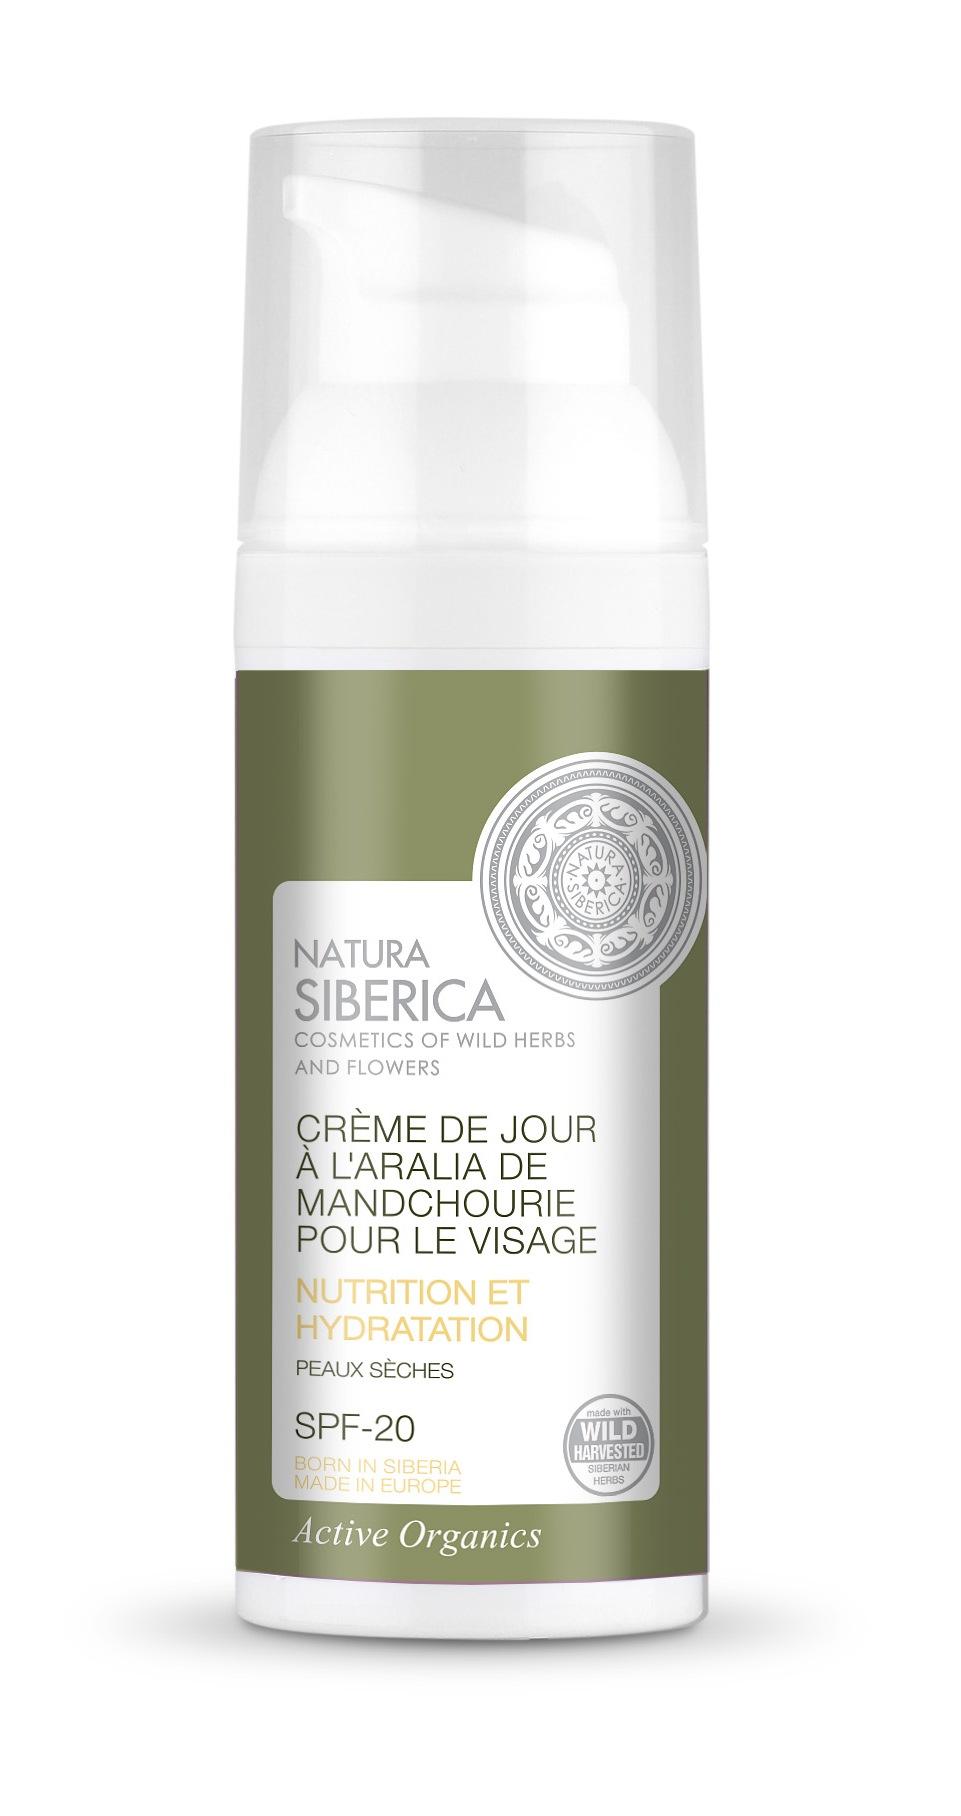 crème de jour visage natura siberica